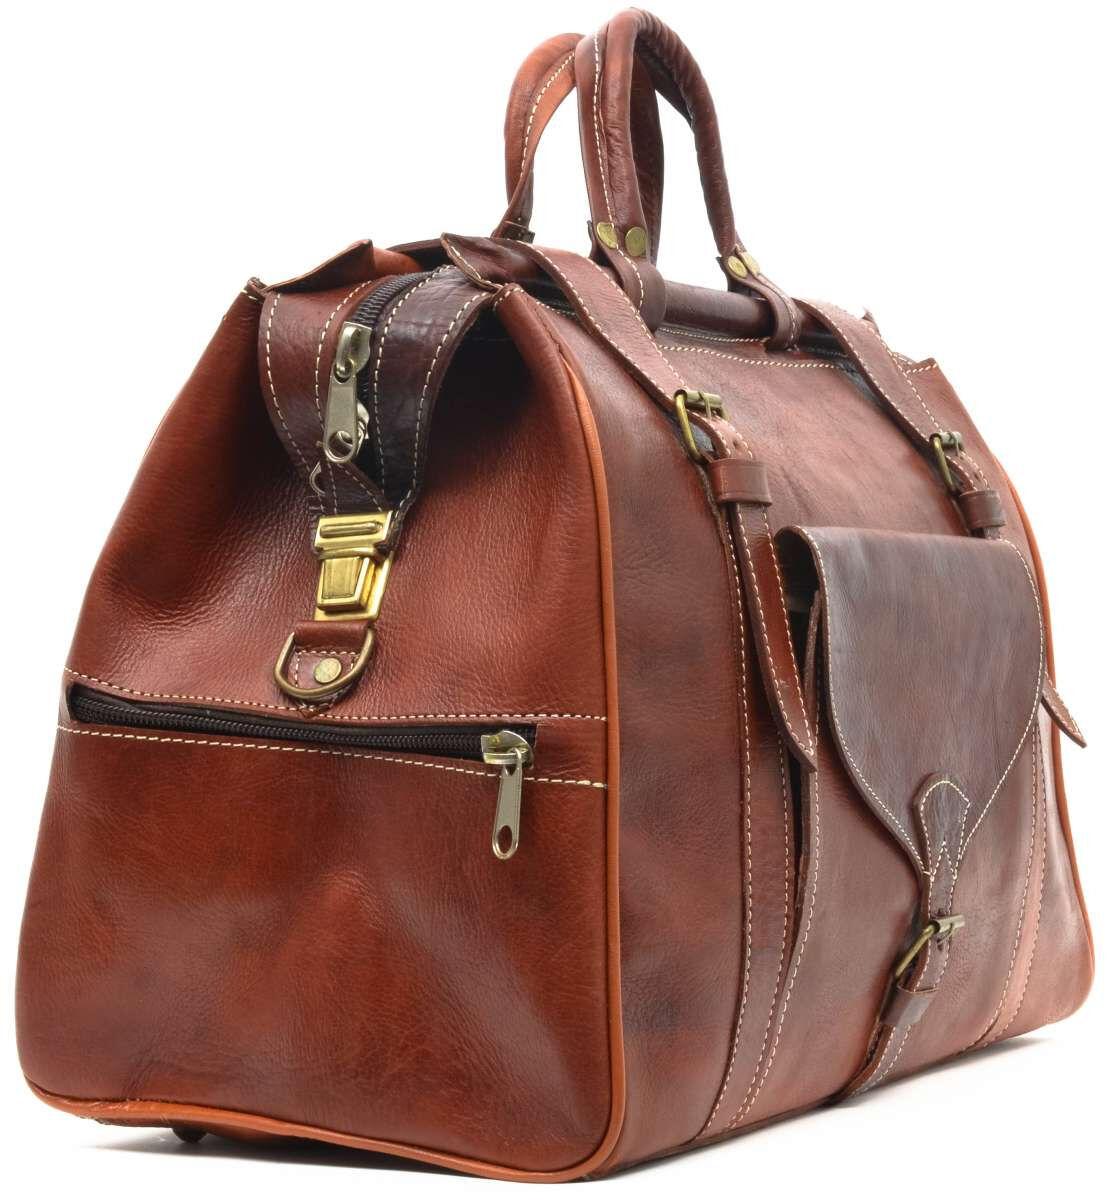 Outlet Reisetasche - kleinere Lederfehler - Schultergurt fehlt - ansonsten neu - siehe Video